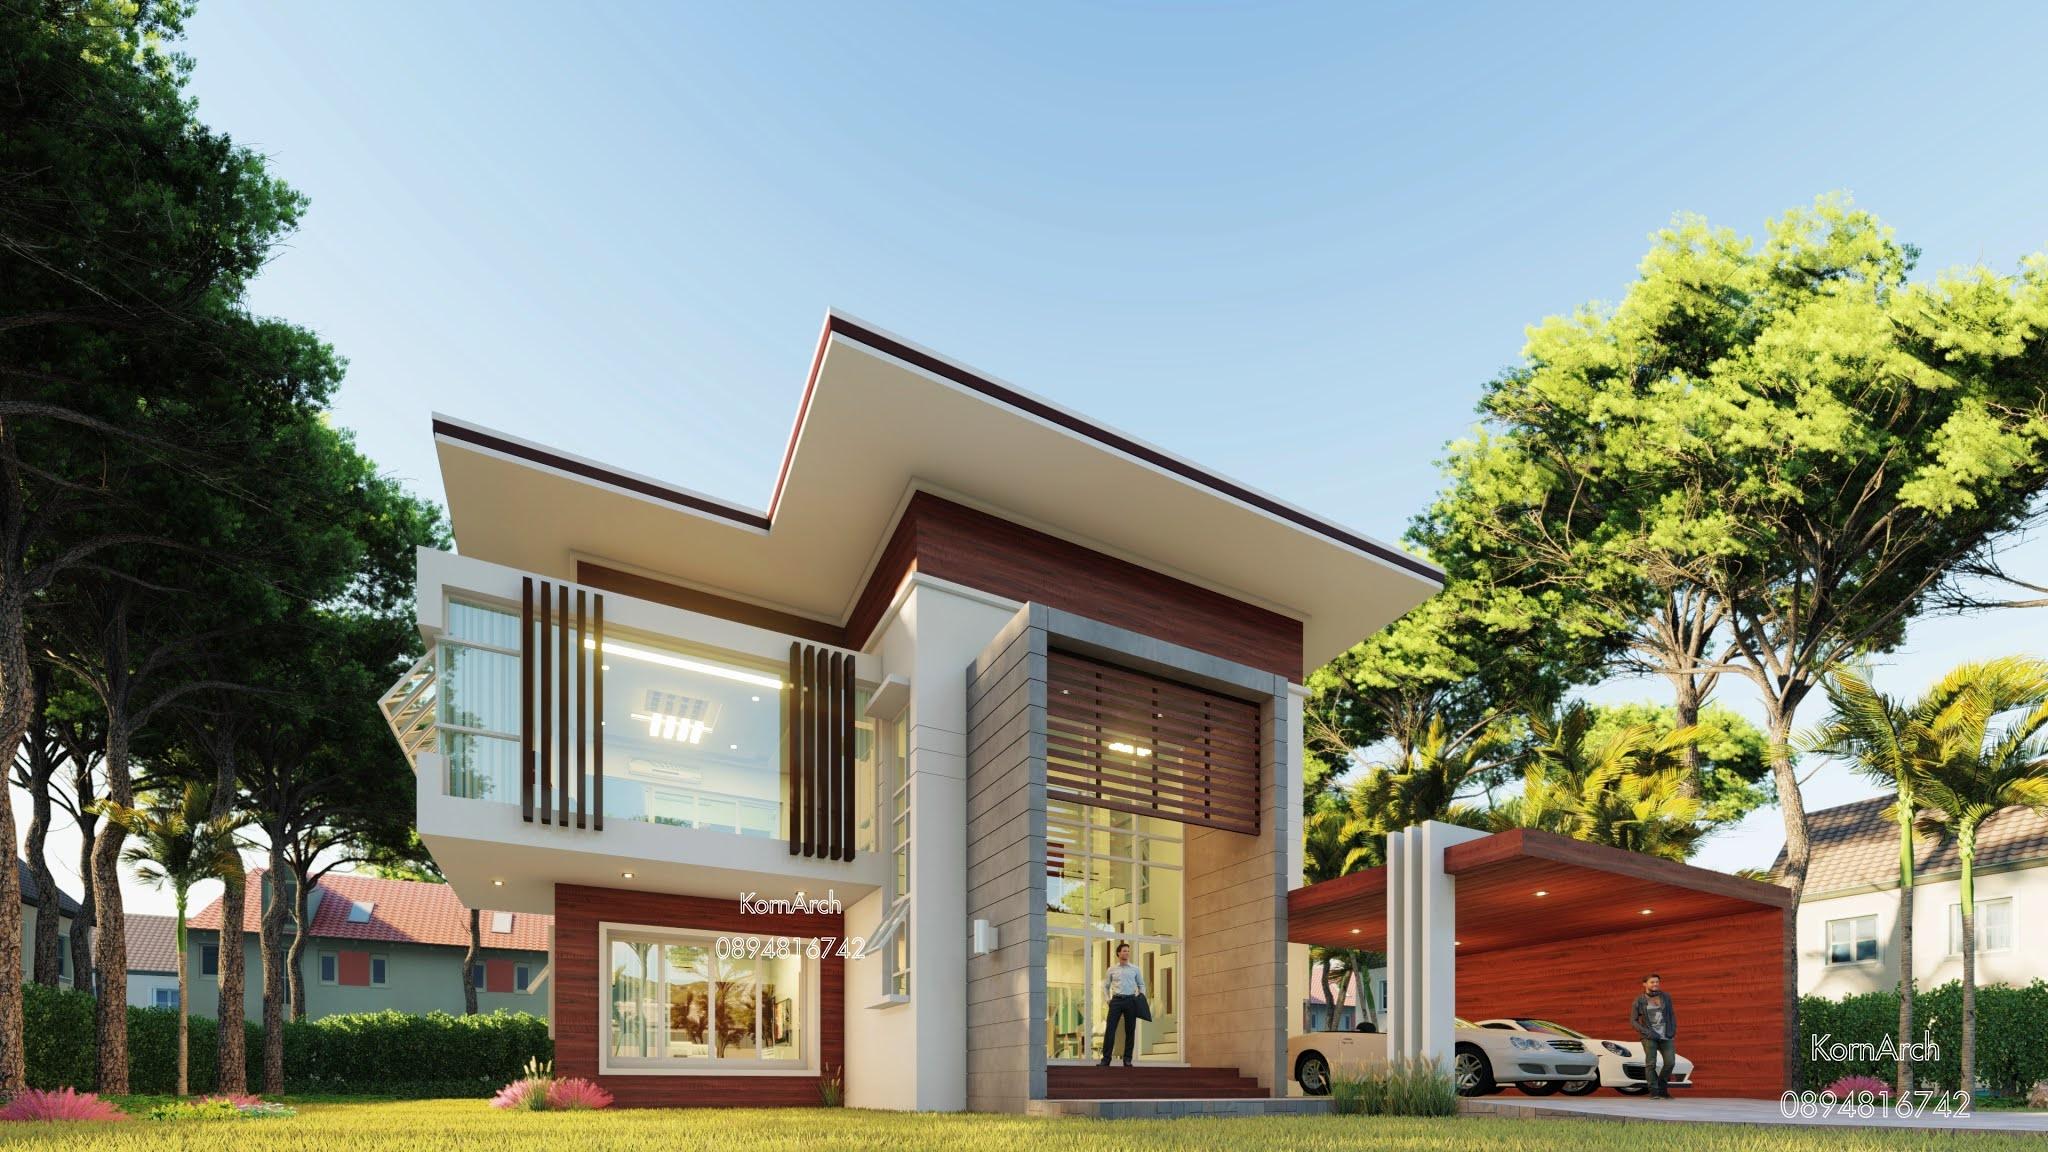 แบบบ้าน 2 ชั้น เจ้าของอาคาร คุณดาริกา วิเศษสมบูรณ์ สถานที่ก่อสร้าง ต.หนองสาหร่าย อ.พนมทวน จ.กาญจนบุรี